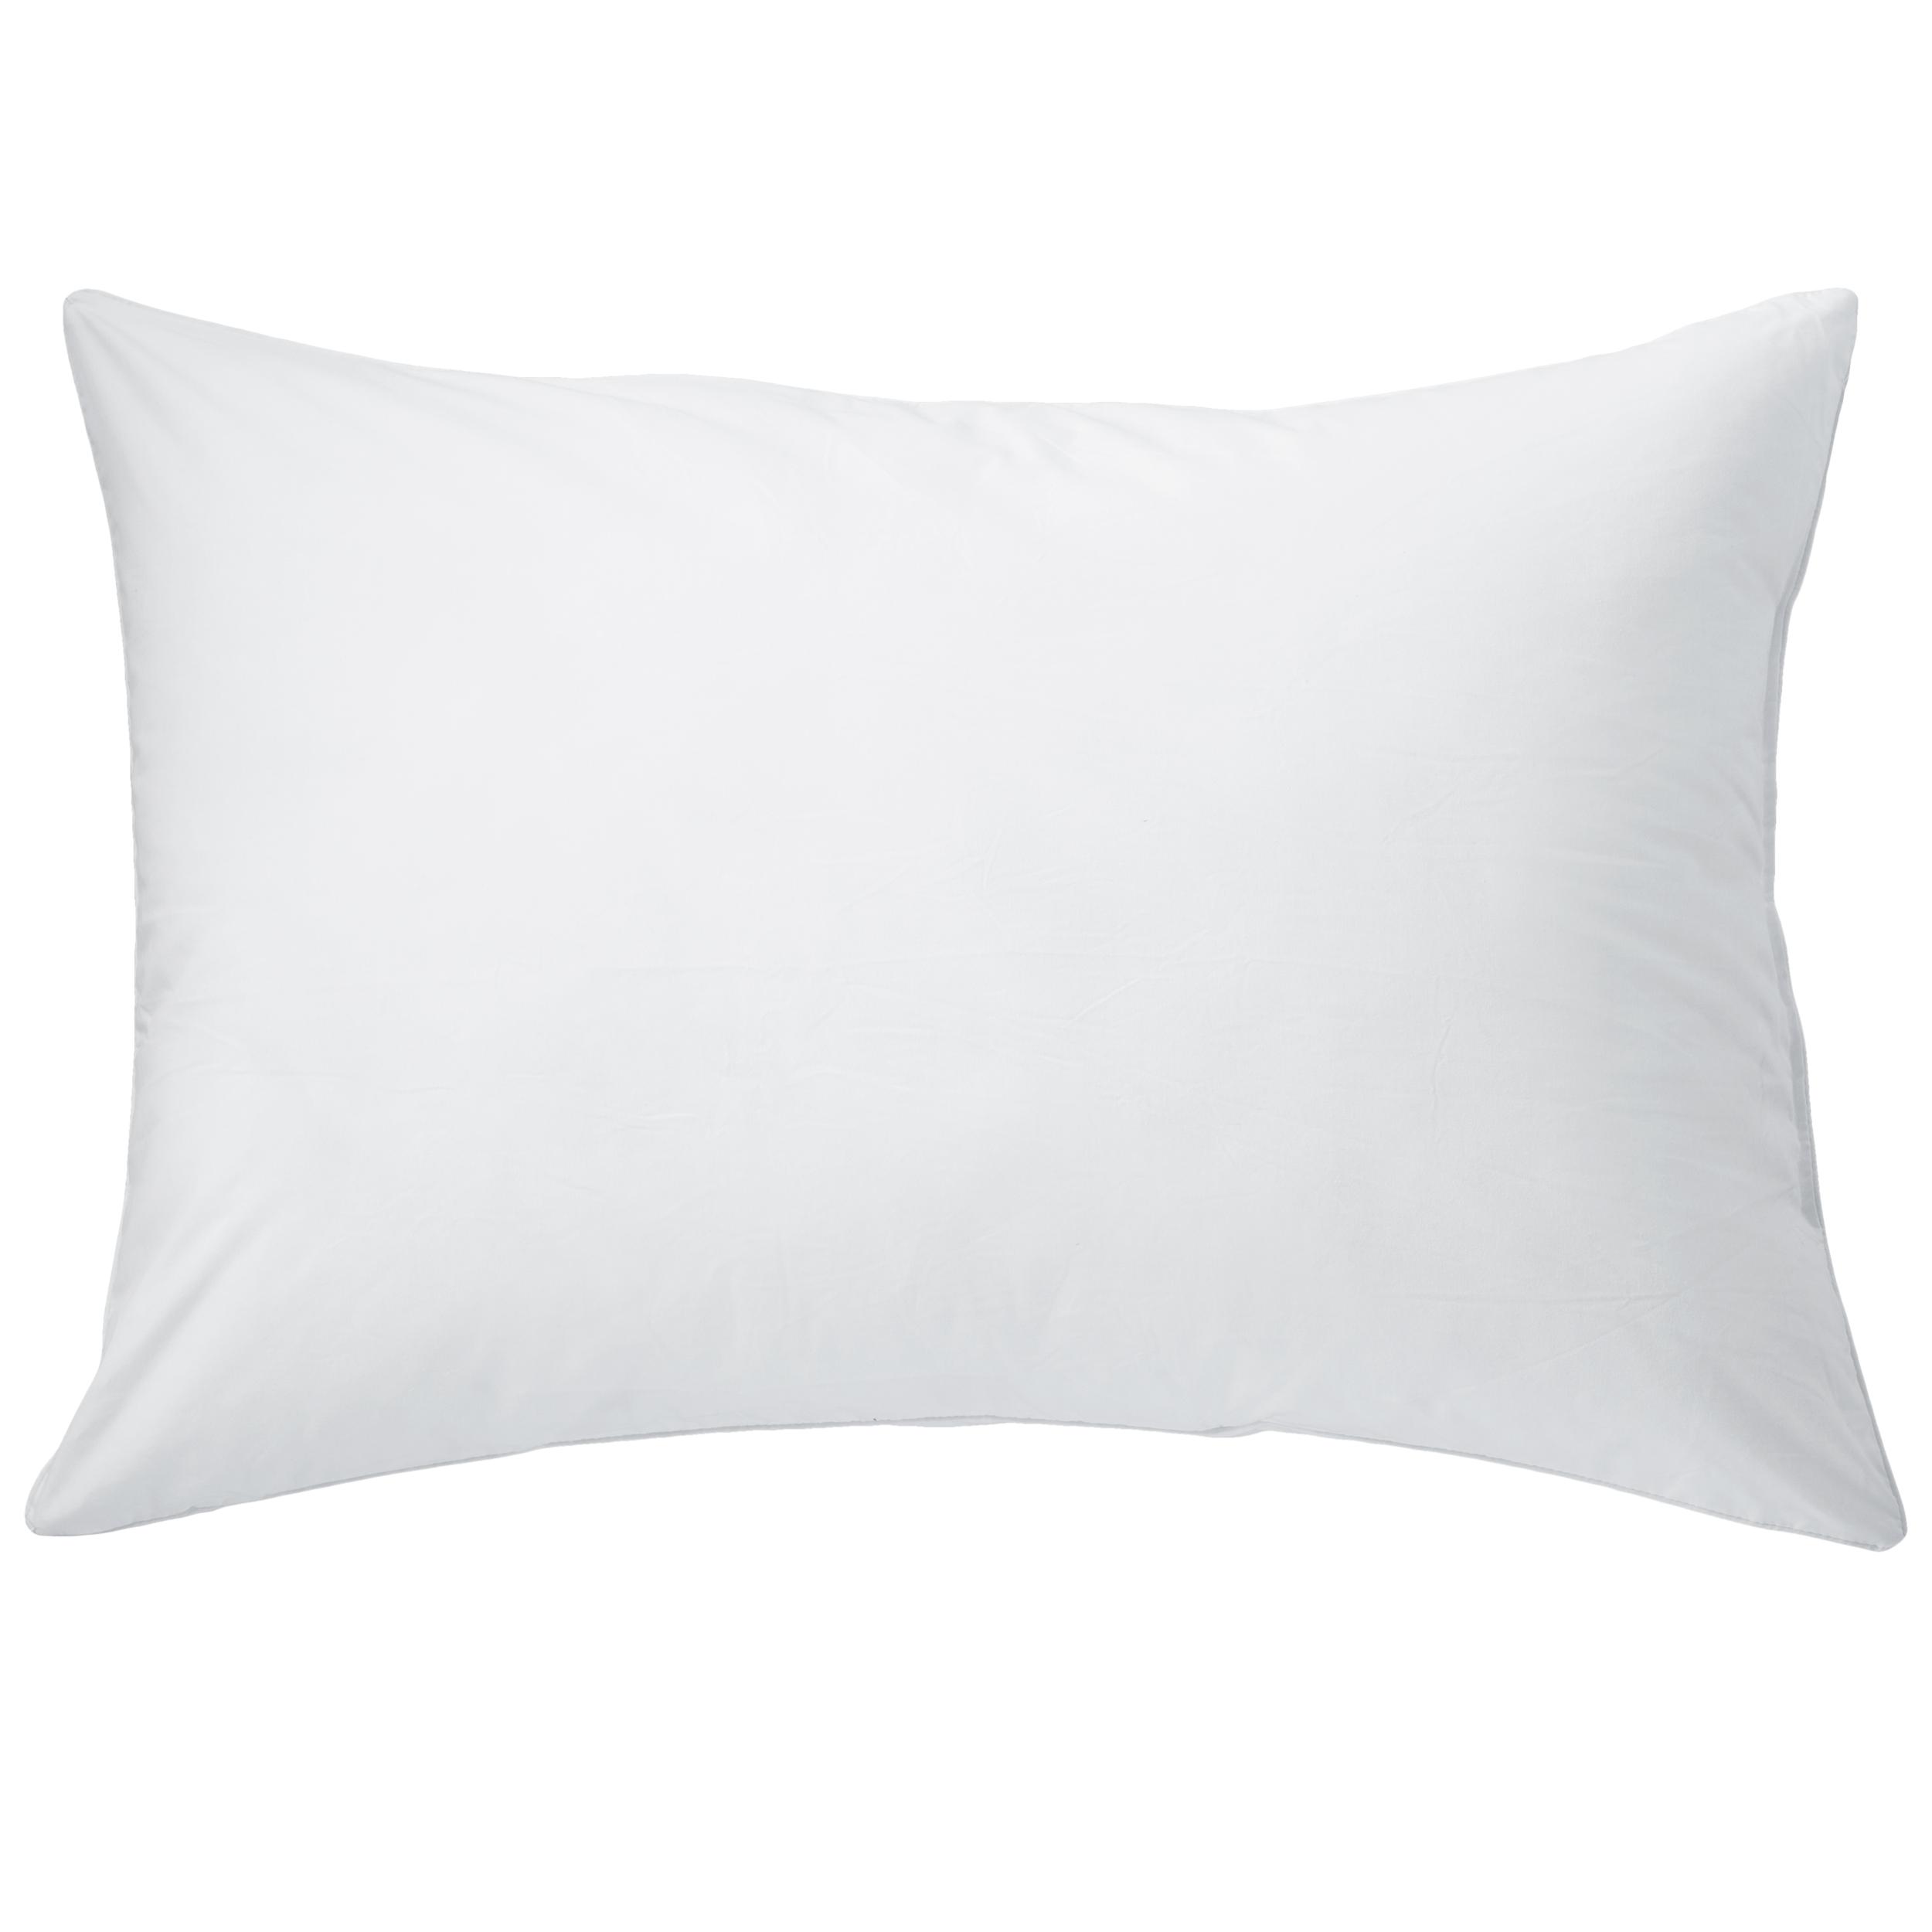 Mainstays Back Sleeper Firm Pillow